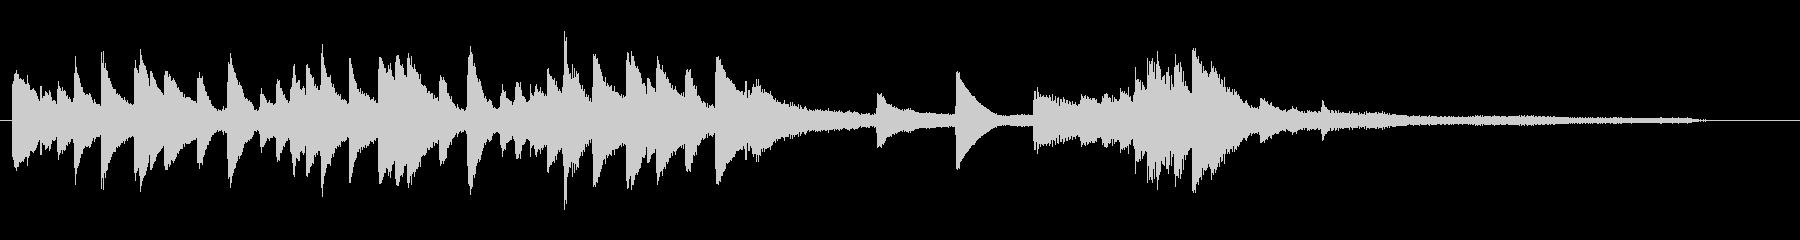 チャプター場面転換等に和風ピアノジングルの未再生の波形